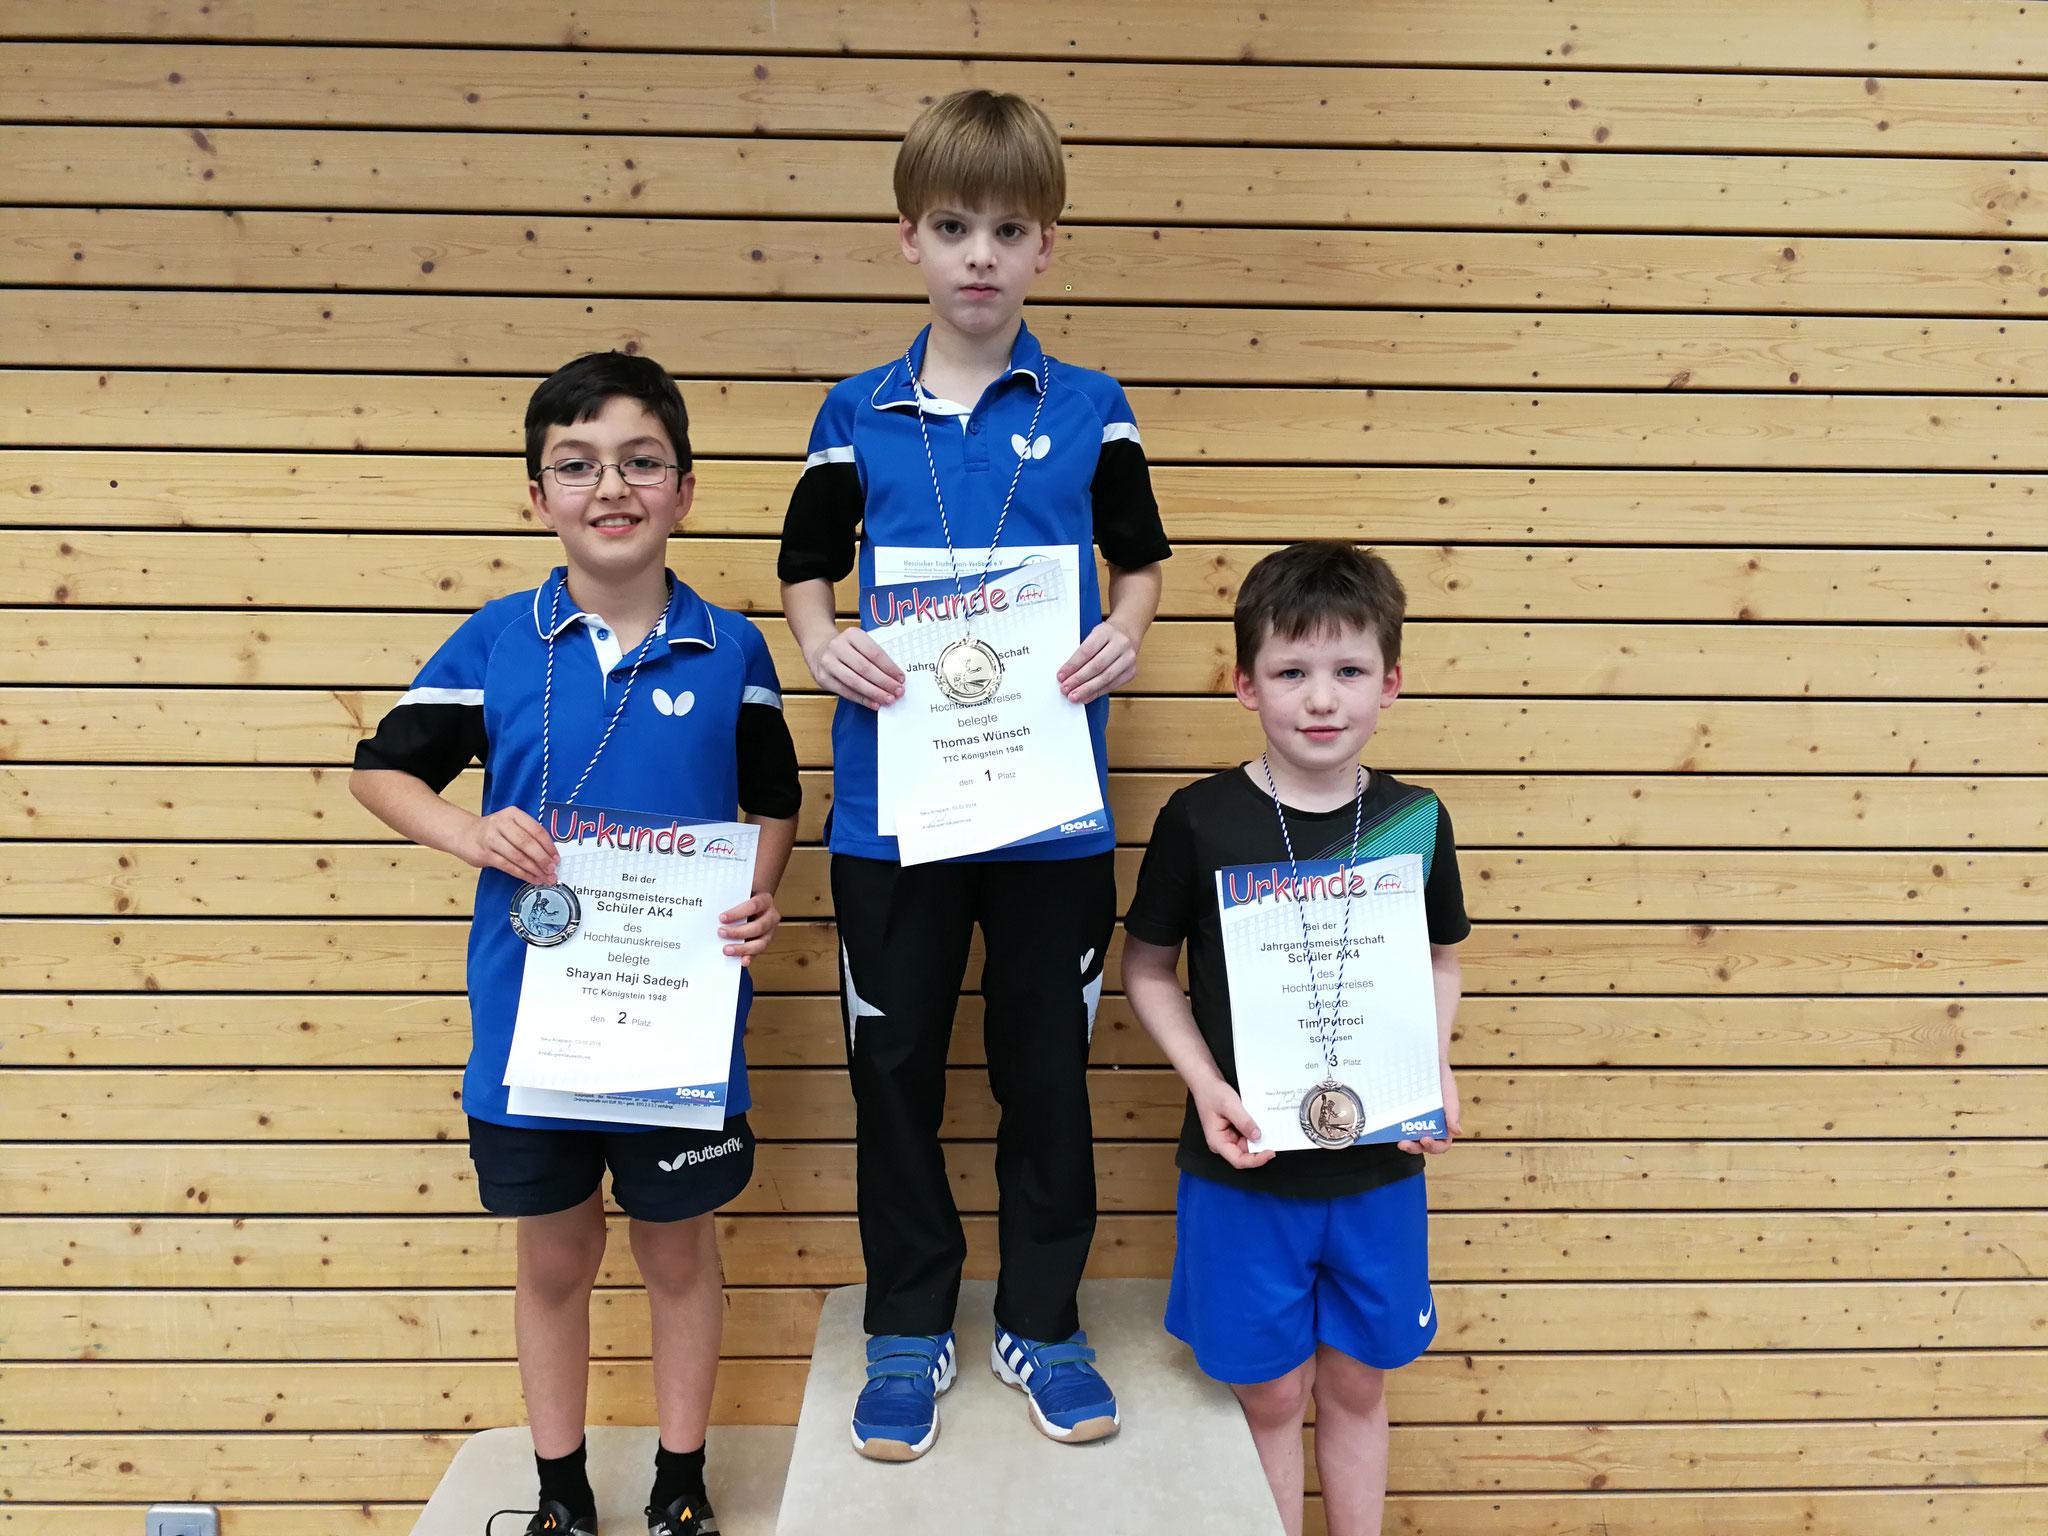 auch in der Altersklasse 4 gingen die vorderen Plätze an Königsteiner - Sieger wurde Thomas Wünsch, den zweiten Platz belegte Shayan Haji-Sadegh